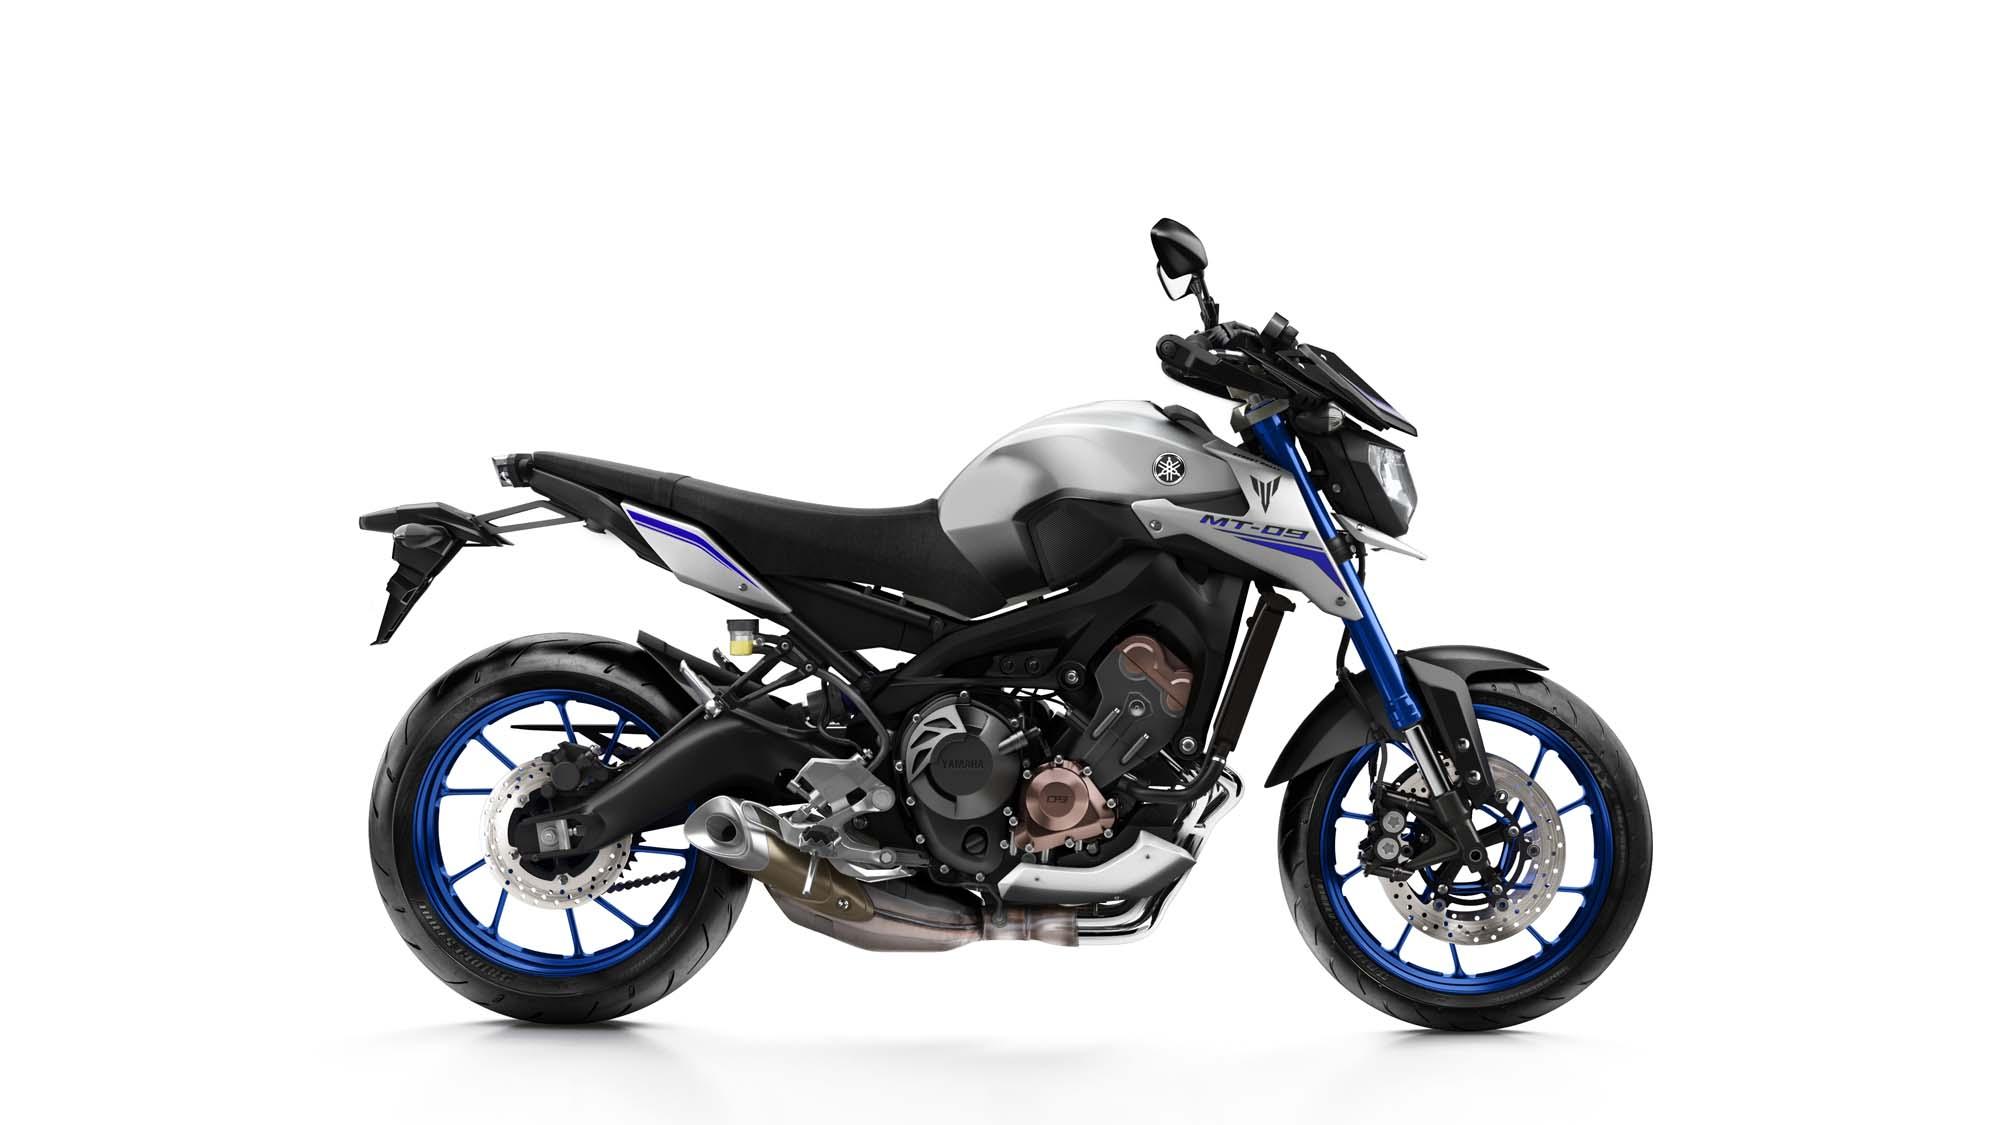 gebrauchte und neue yamaha mt 09 street rally motorr der kaufen. Black Bedroom Furniture Sets. Home Design Ideas